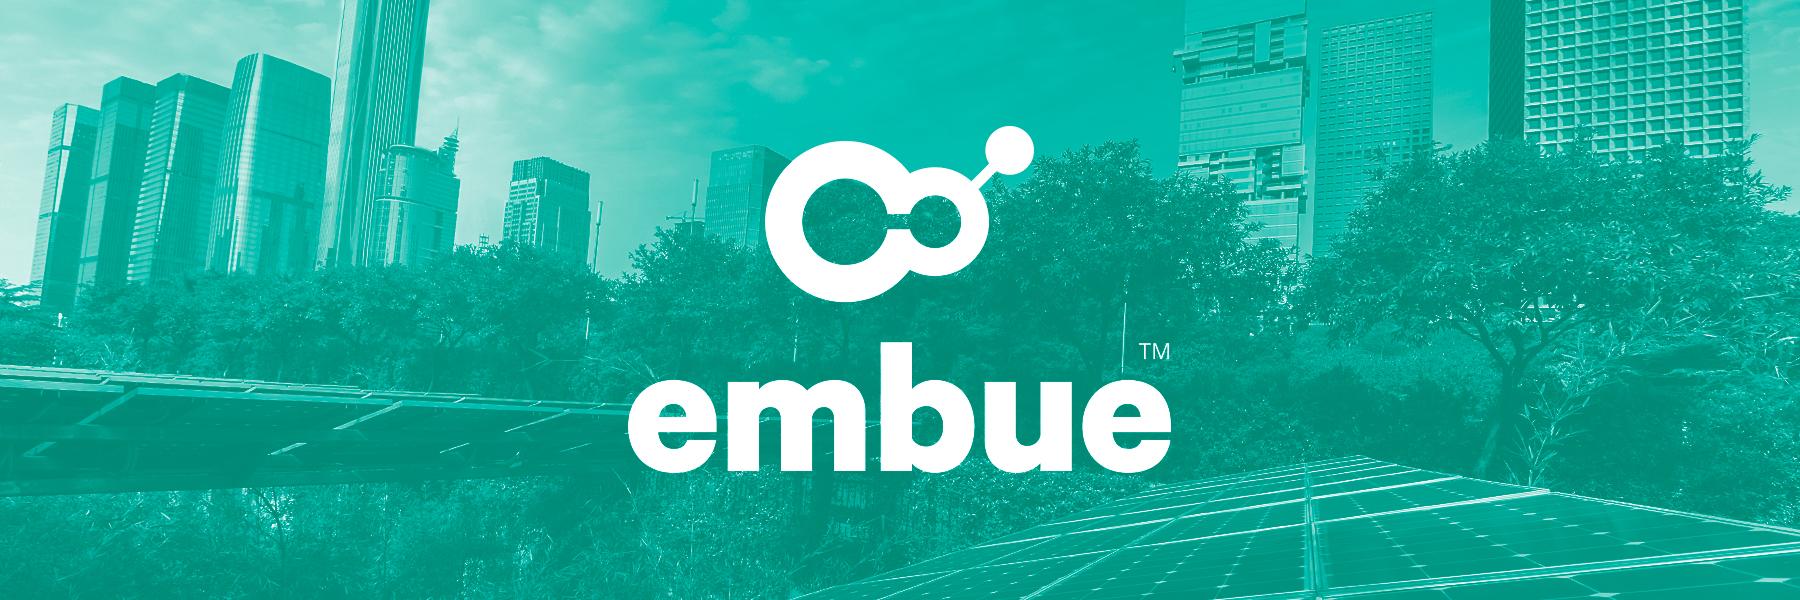 embue-partners-02.jpg